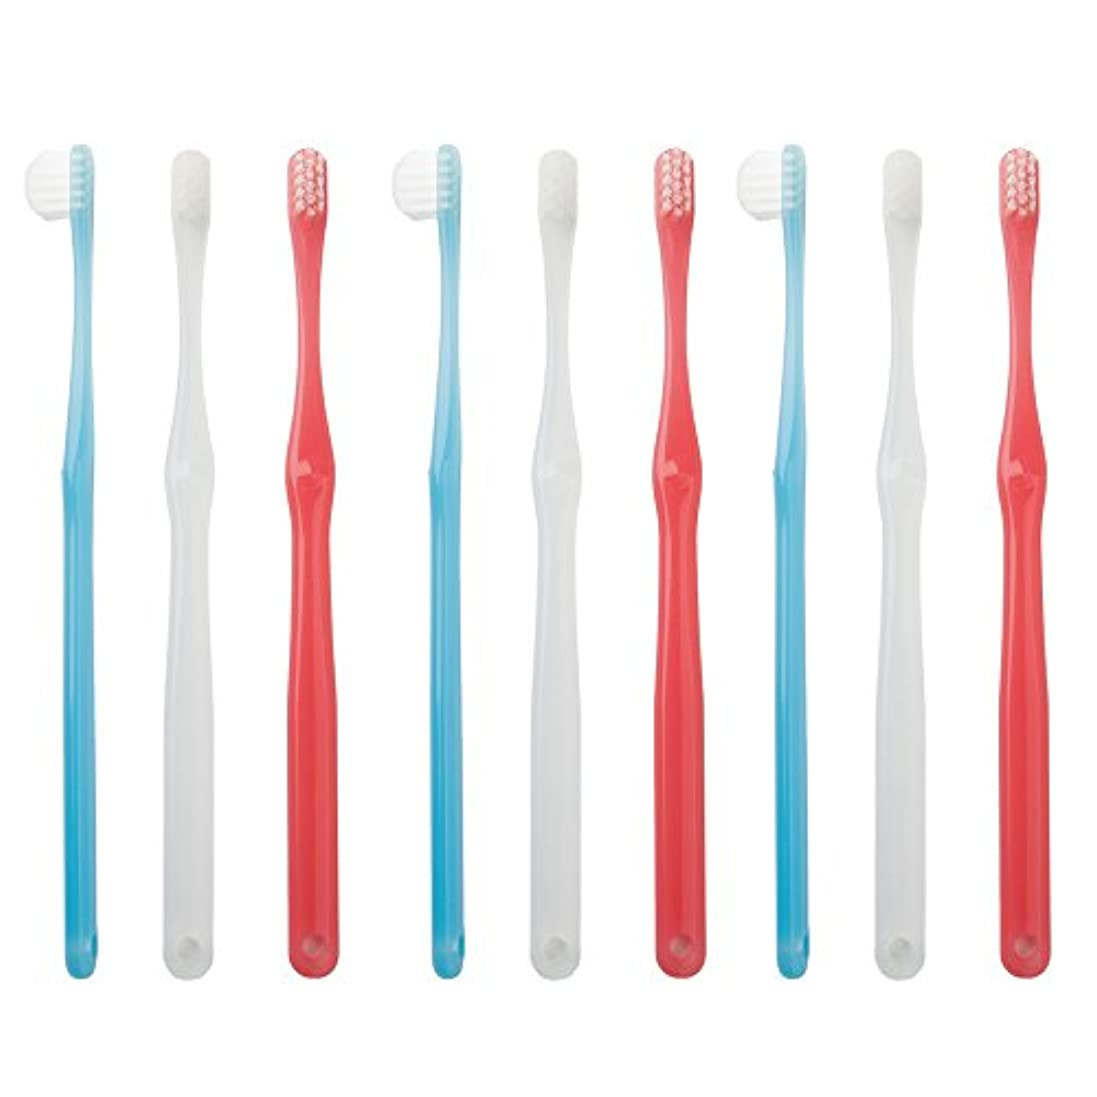 タヒチ変位マント【9本入り】魔法のワハハ歯ブラシ